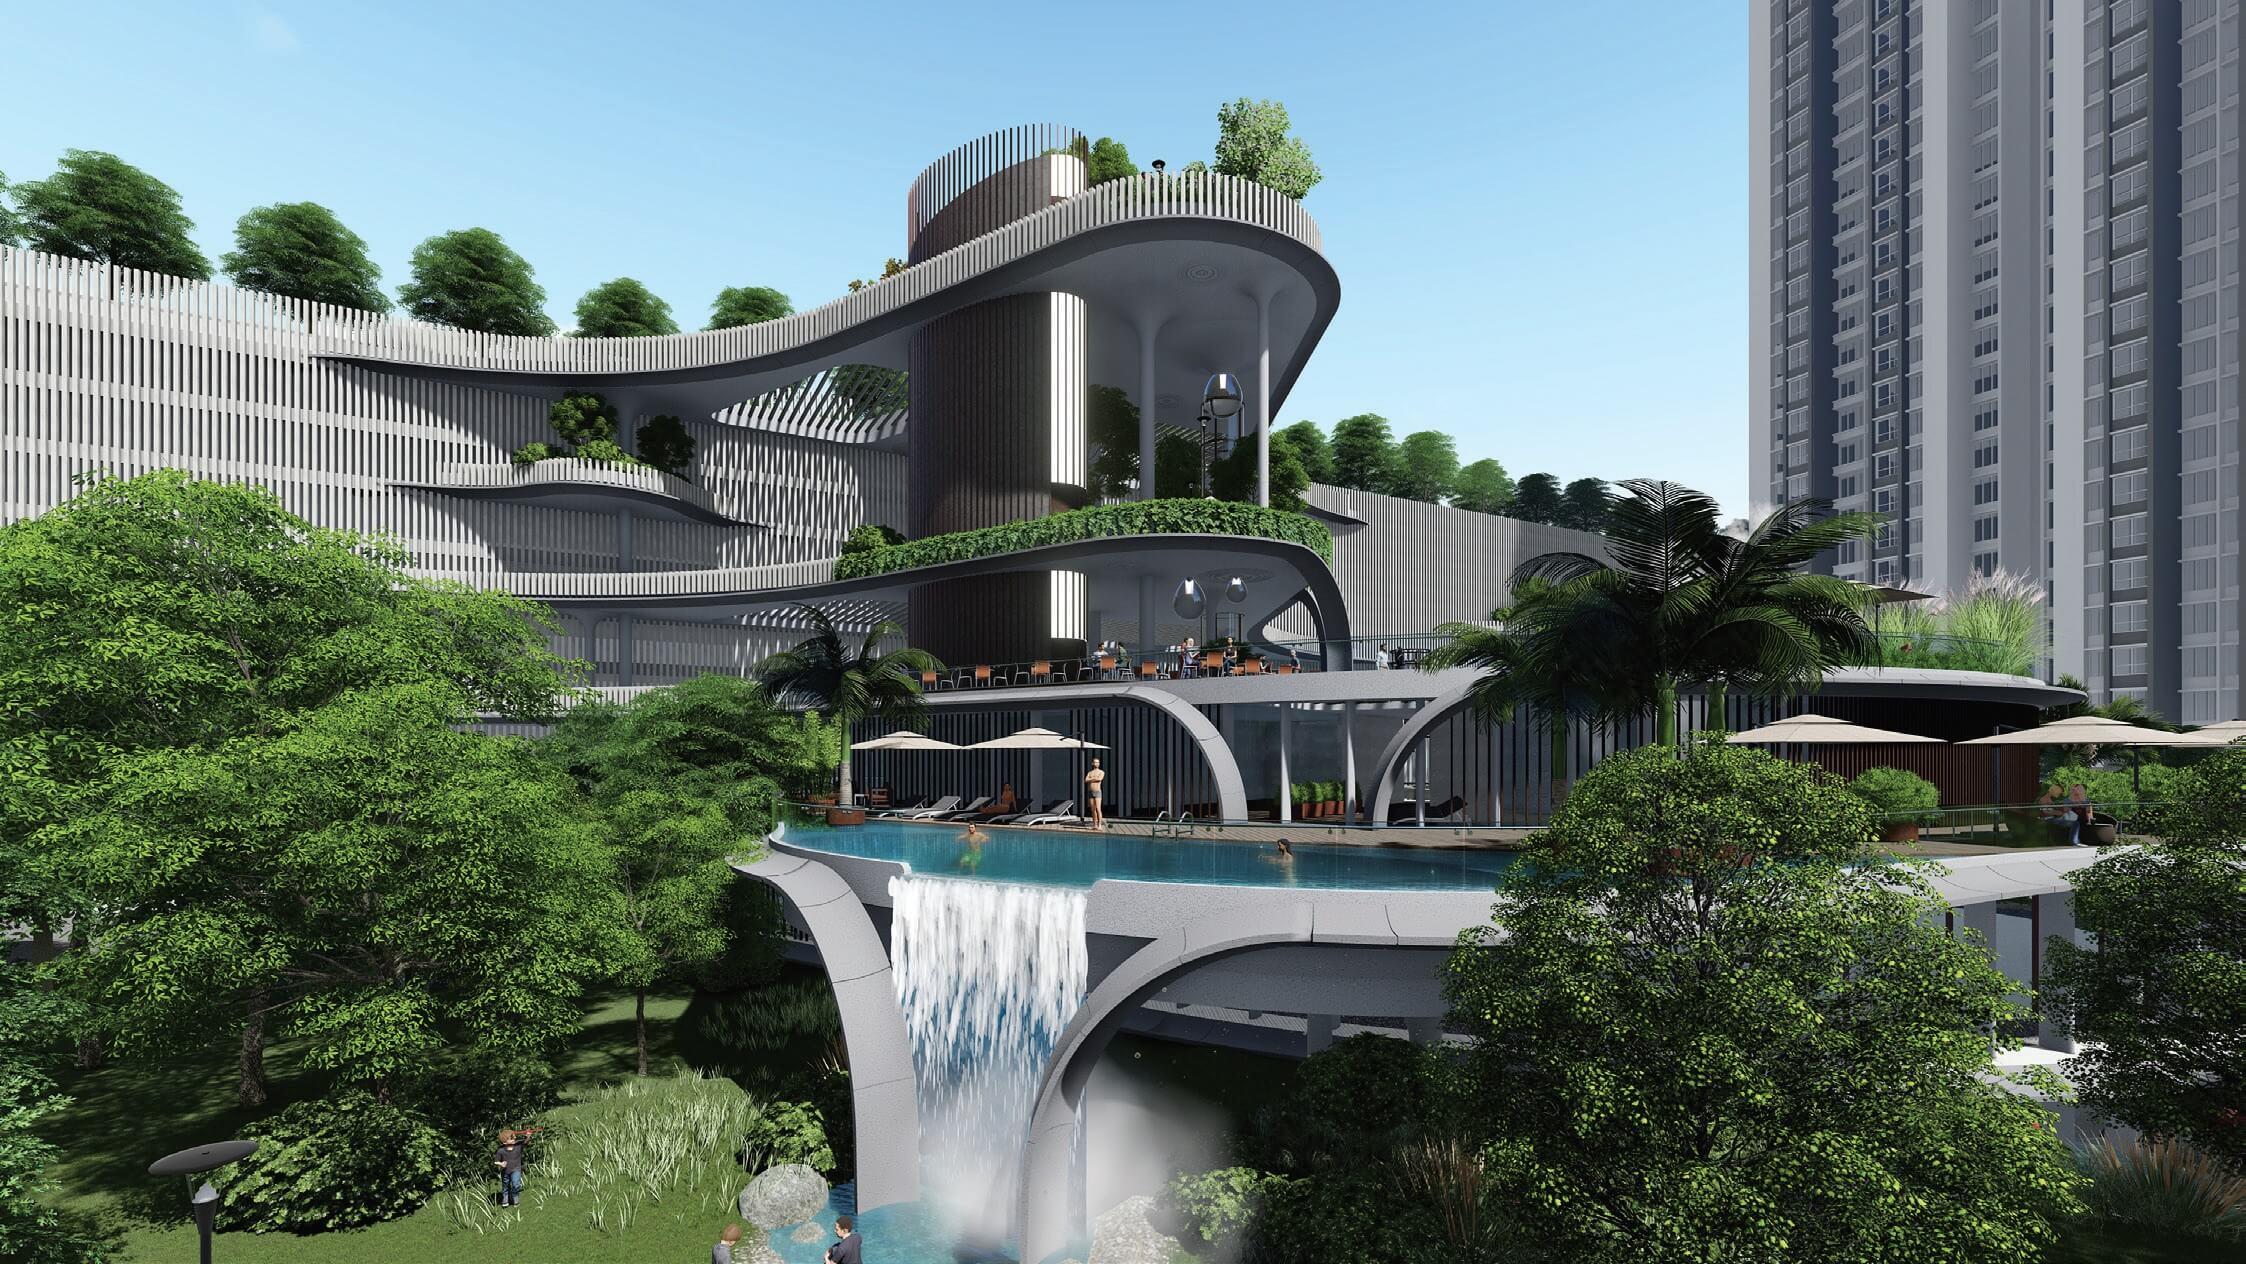 raymond ten x habitat amenities features2